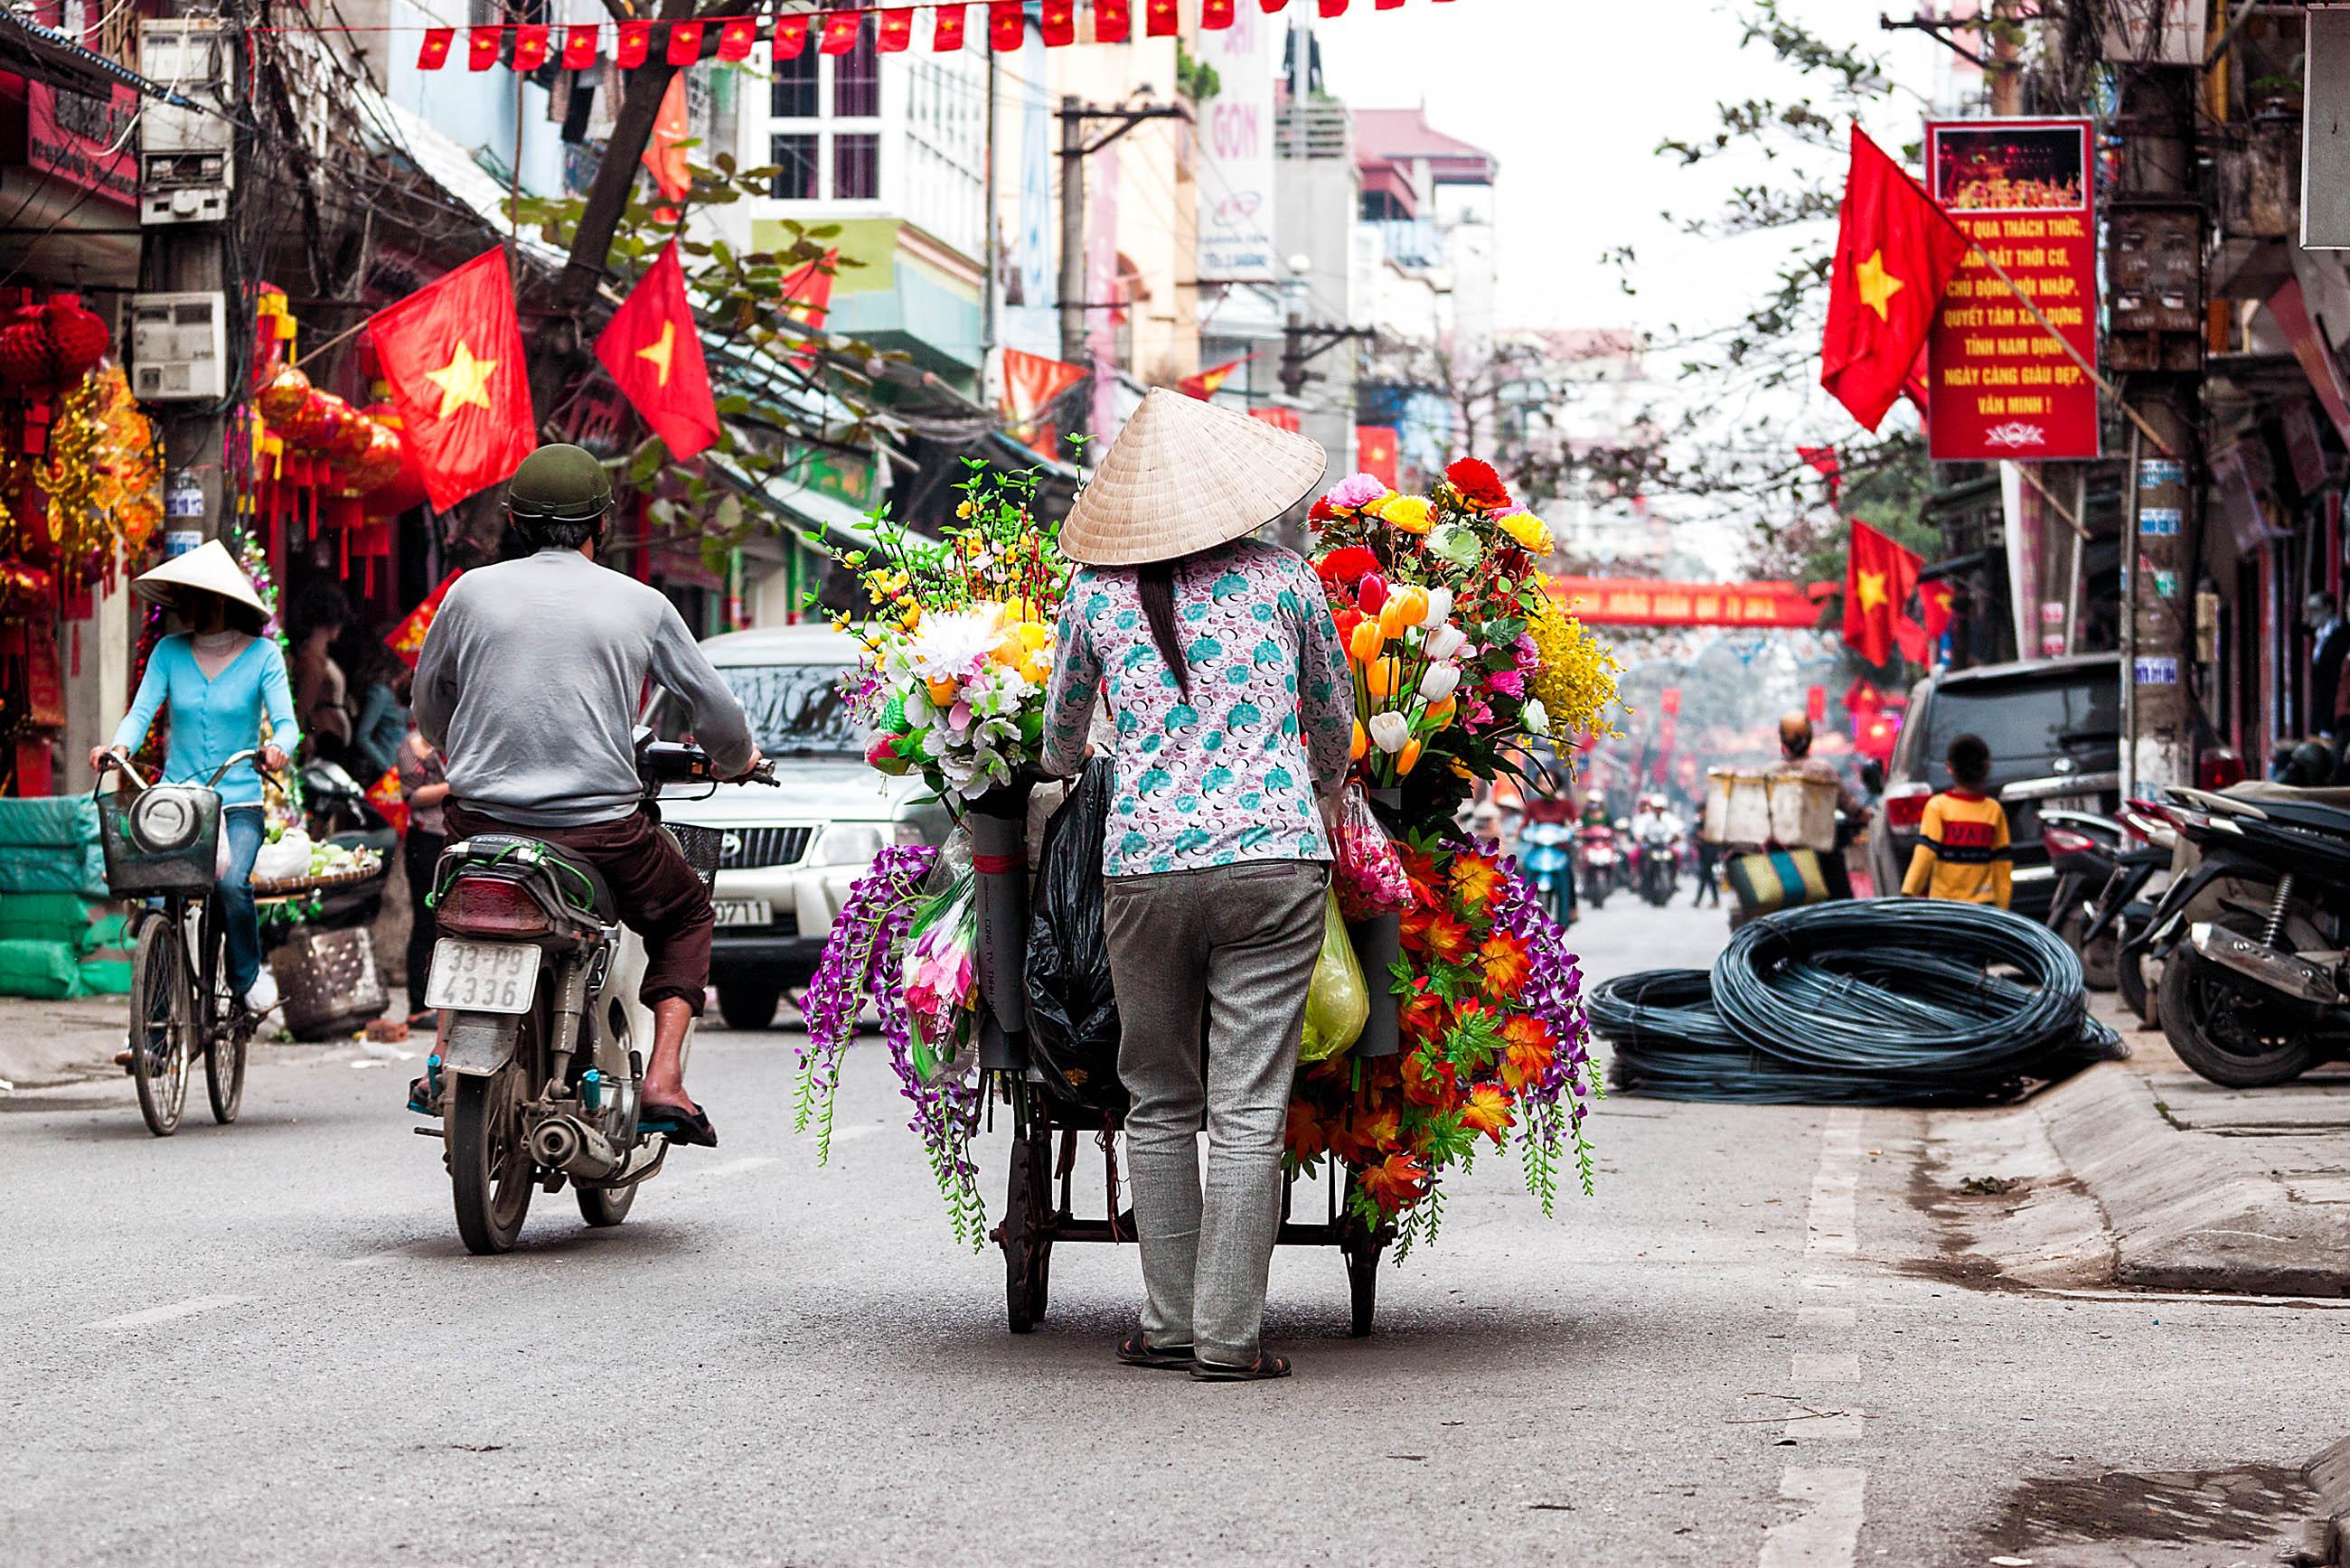 Straßen von Hanoi, Vietnam